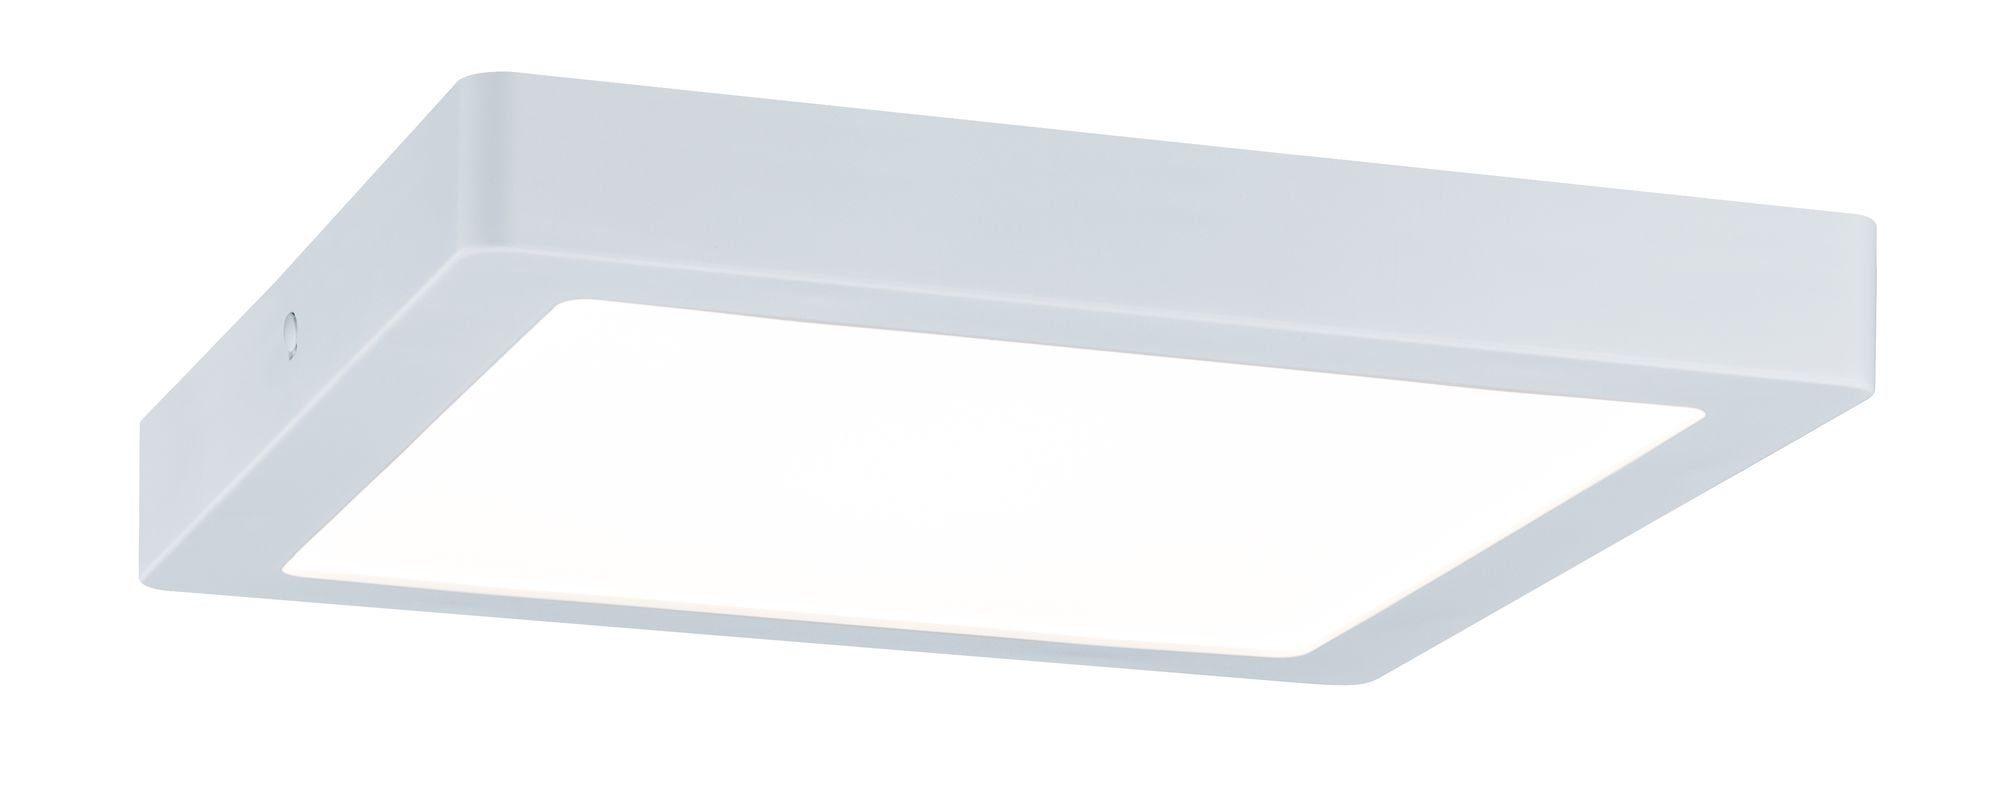 Paulmann LED Deckenleuchte Abia Panel eckig 22W Weiß Kunststoff, 1 St., Warmweiß